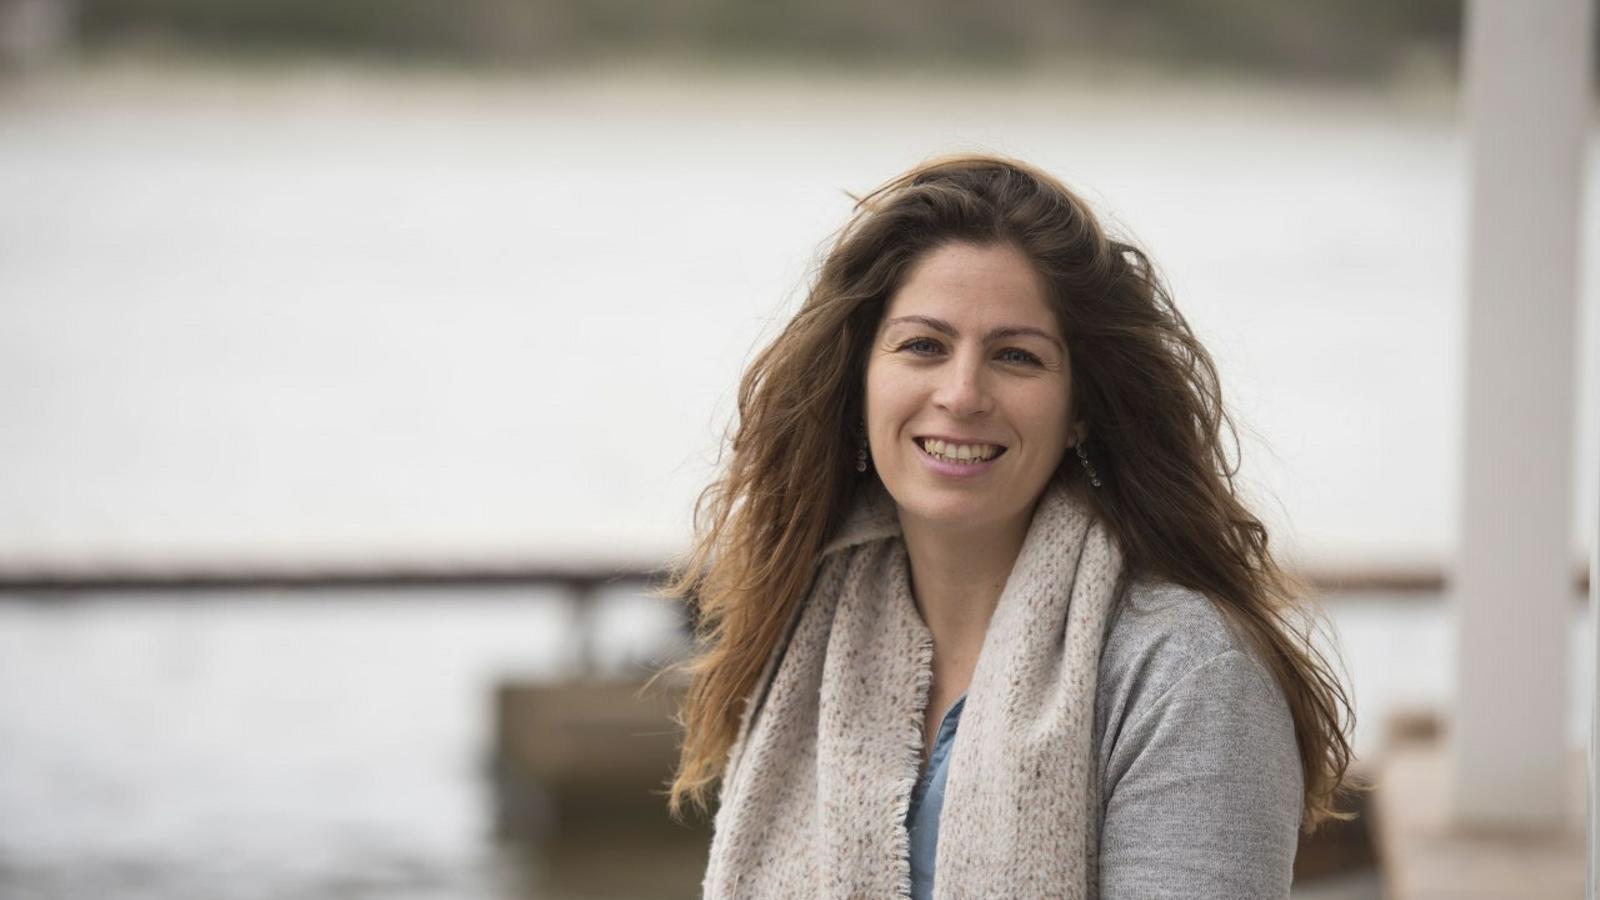 La coordinadora insular d'Unides Podem, Nati Benejam ha destacat l'aposta per potenciar les energies renovables.